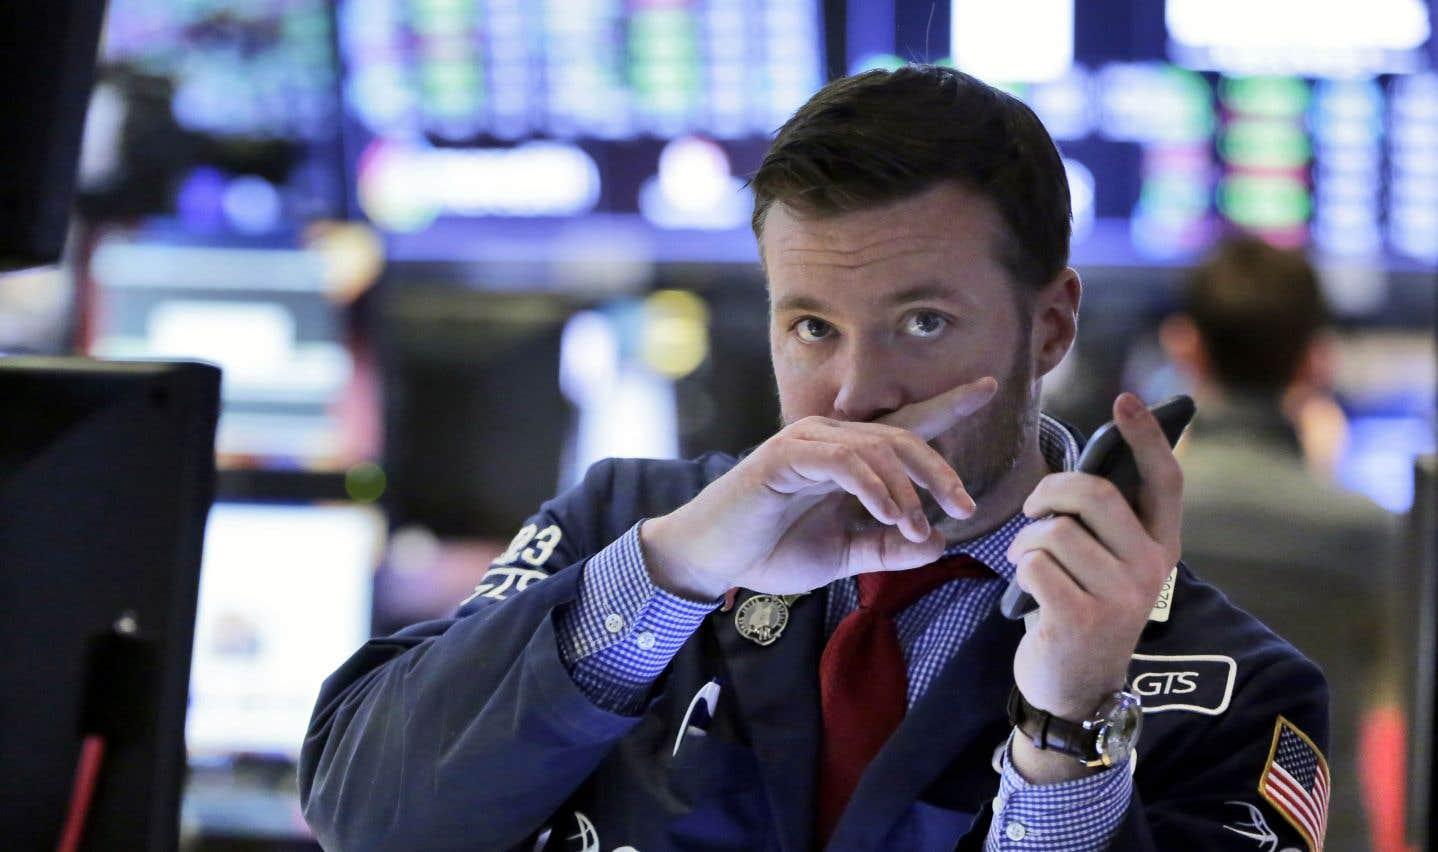 Le Dow Jones a reculé de 5,2% sur la semaine. Il s'agit de sa chute hebdomadaire la plus importante depuis début 2016.